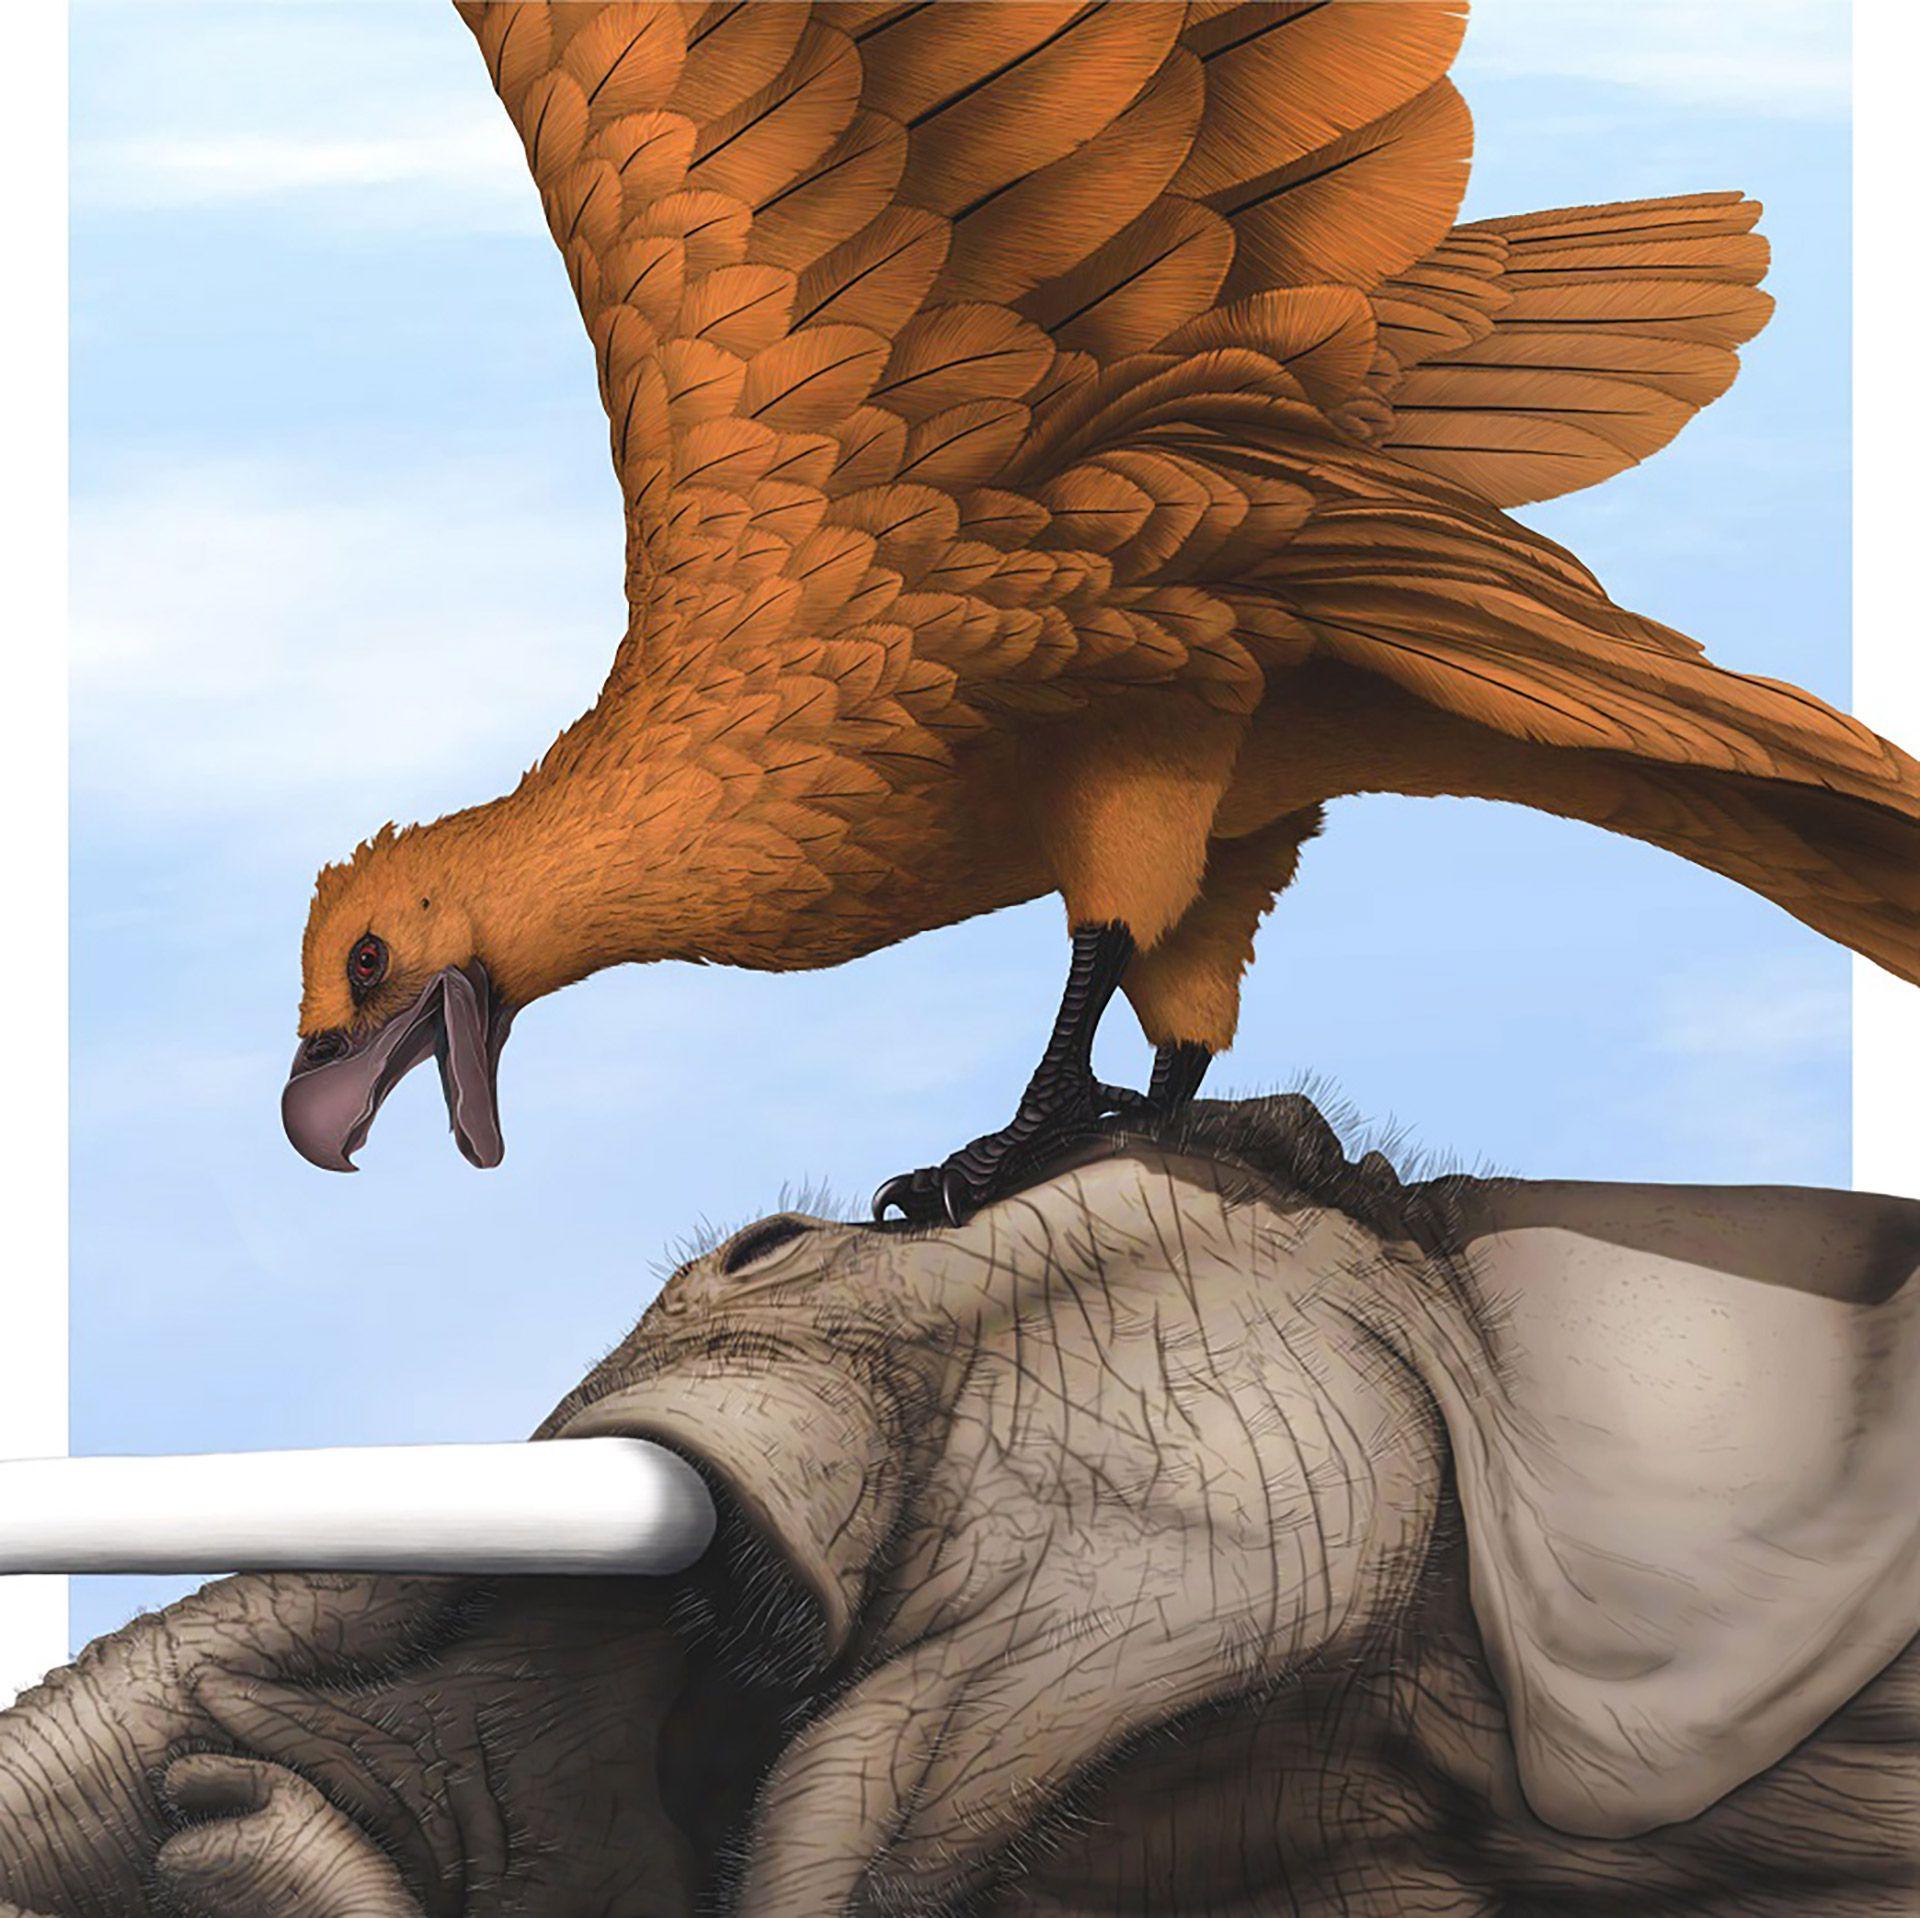 En Argentina, descubrieron los fósiles de las aves voladoras más gigantescas  de todos los tiempos - Noticias de Bariloche